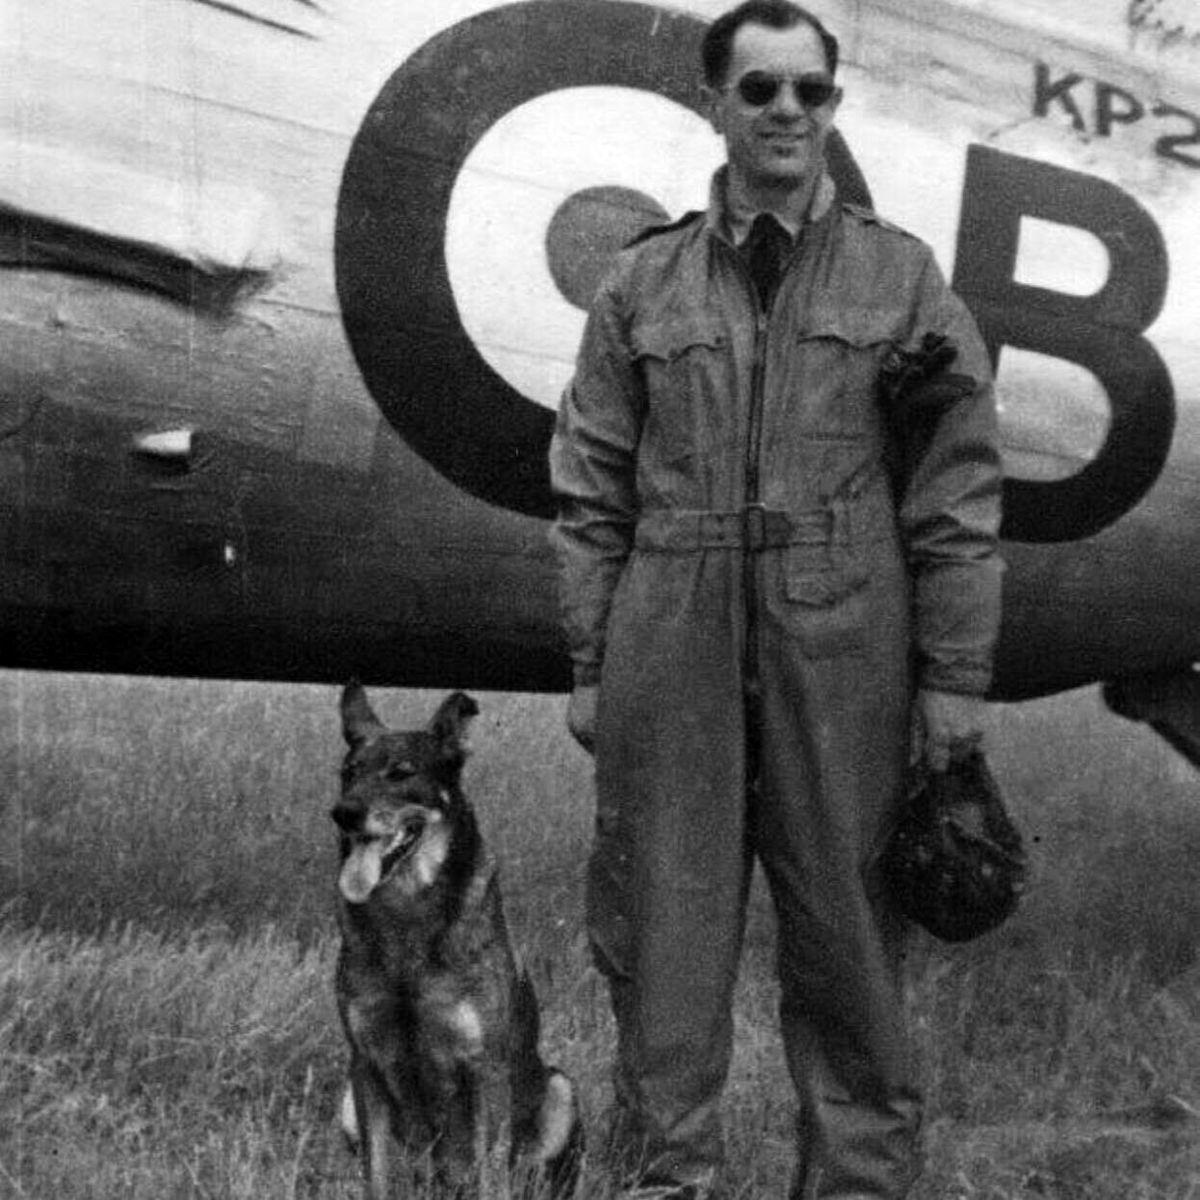 سگ عجیب استرالیایی در جنگ جهانی دوم+عکس